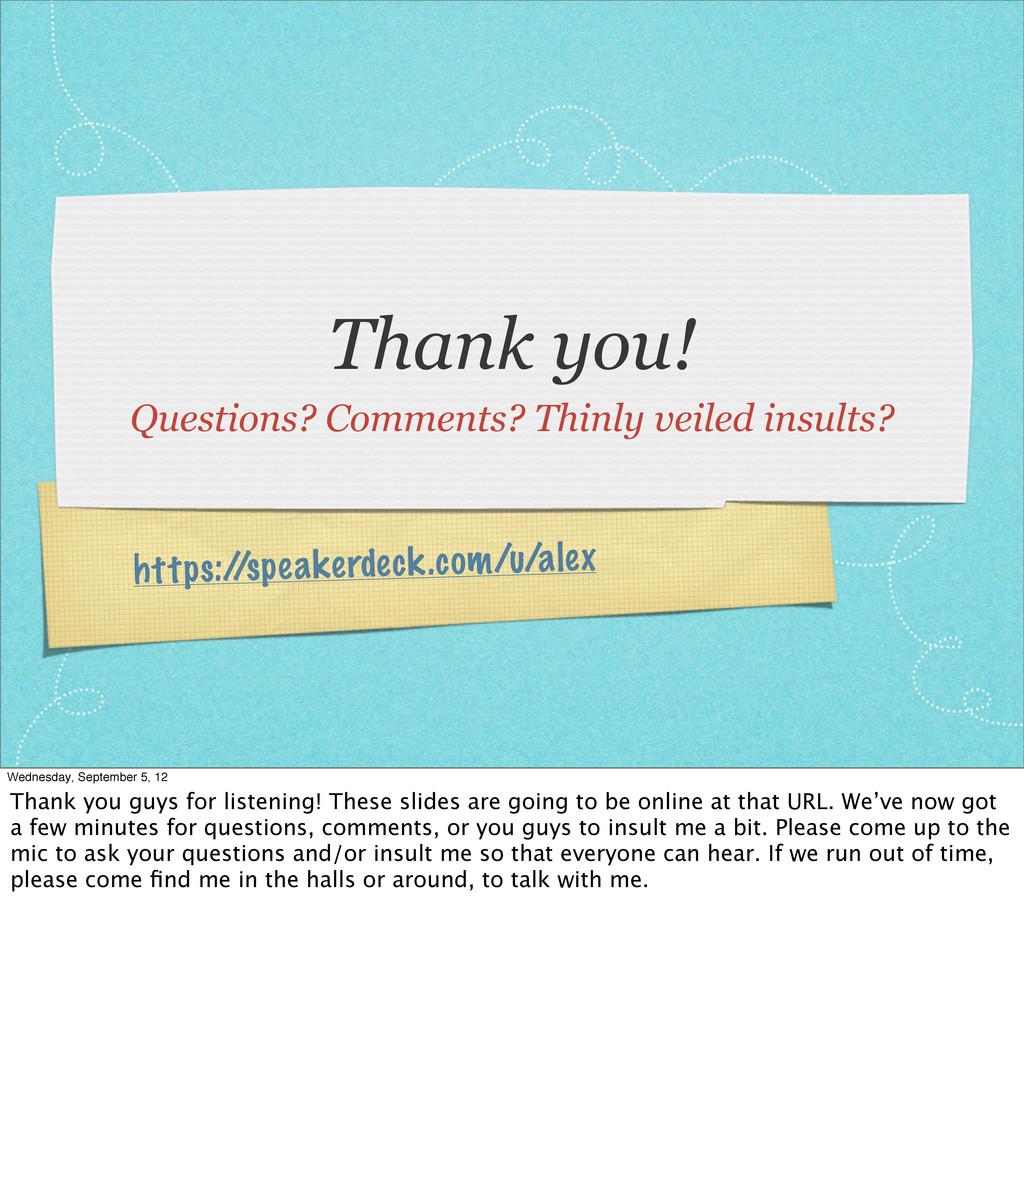 https:/ /speakerdeck.com/u/alex Thank you! Ques...